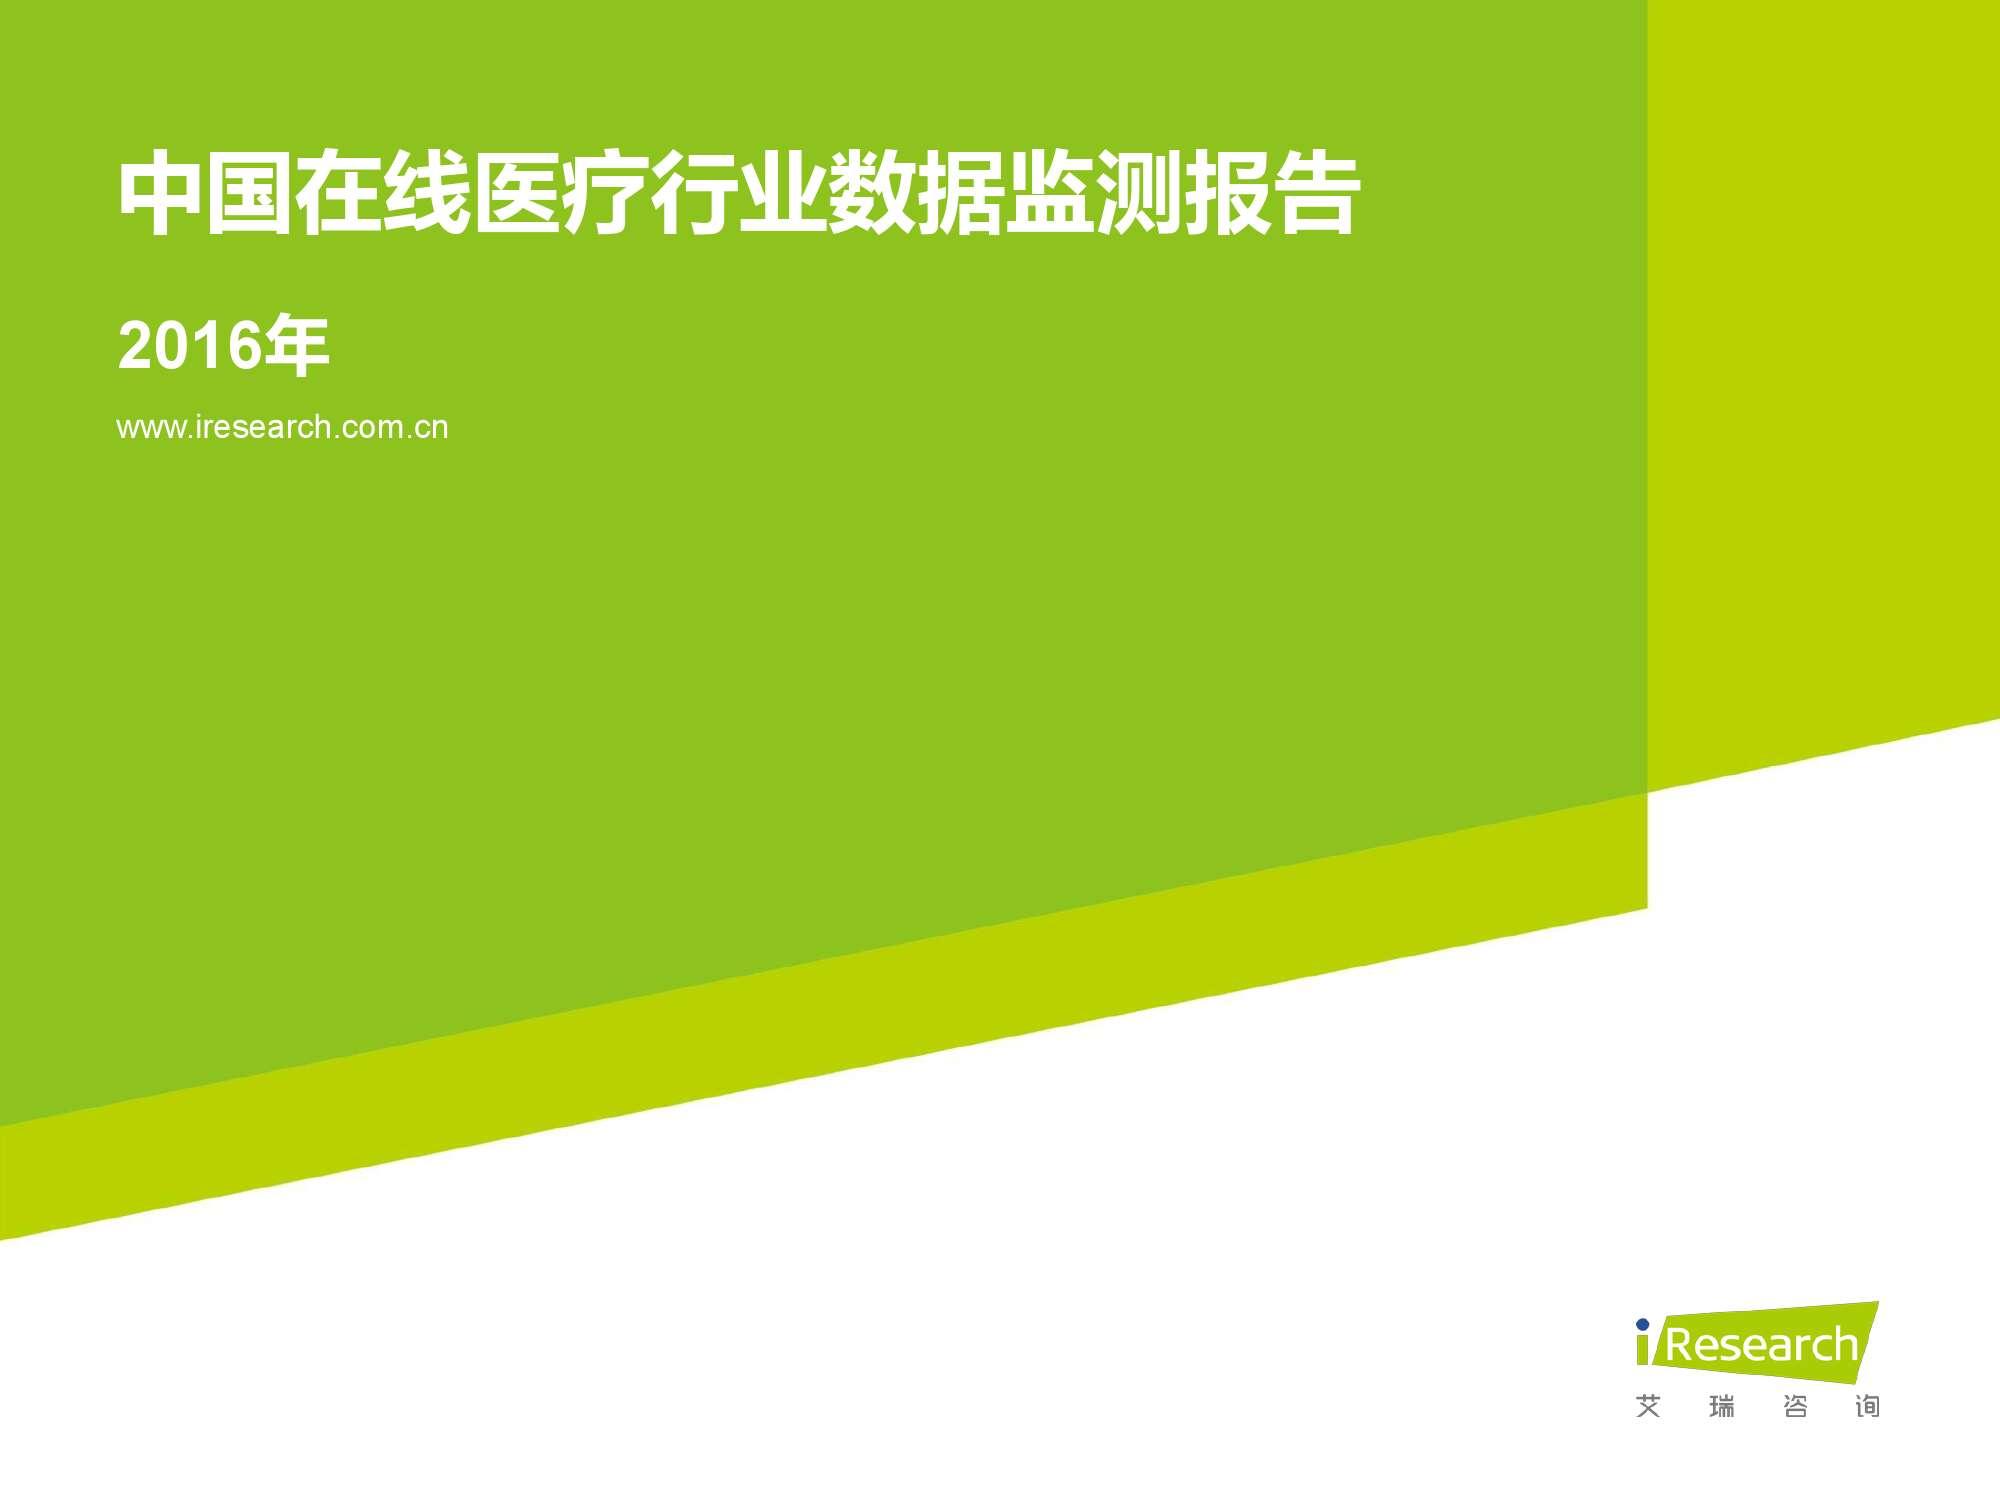 2016年中国在线医疗行业数据监测报告_000001